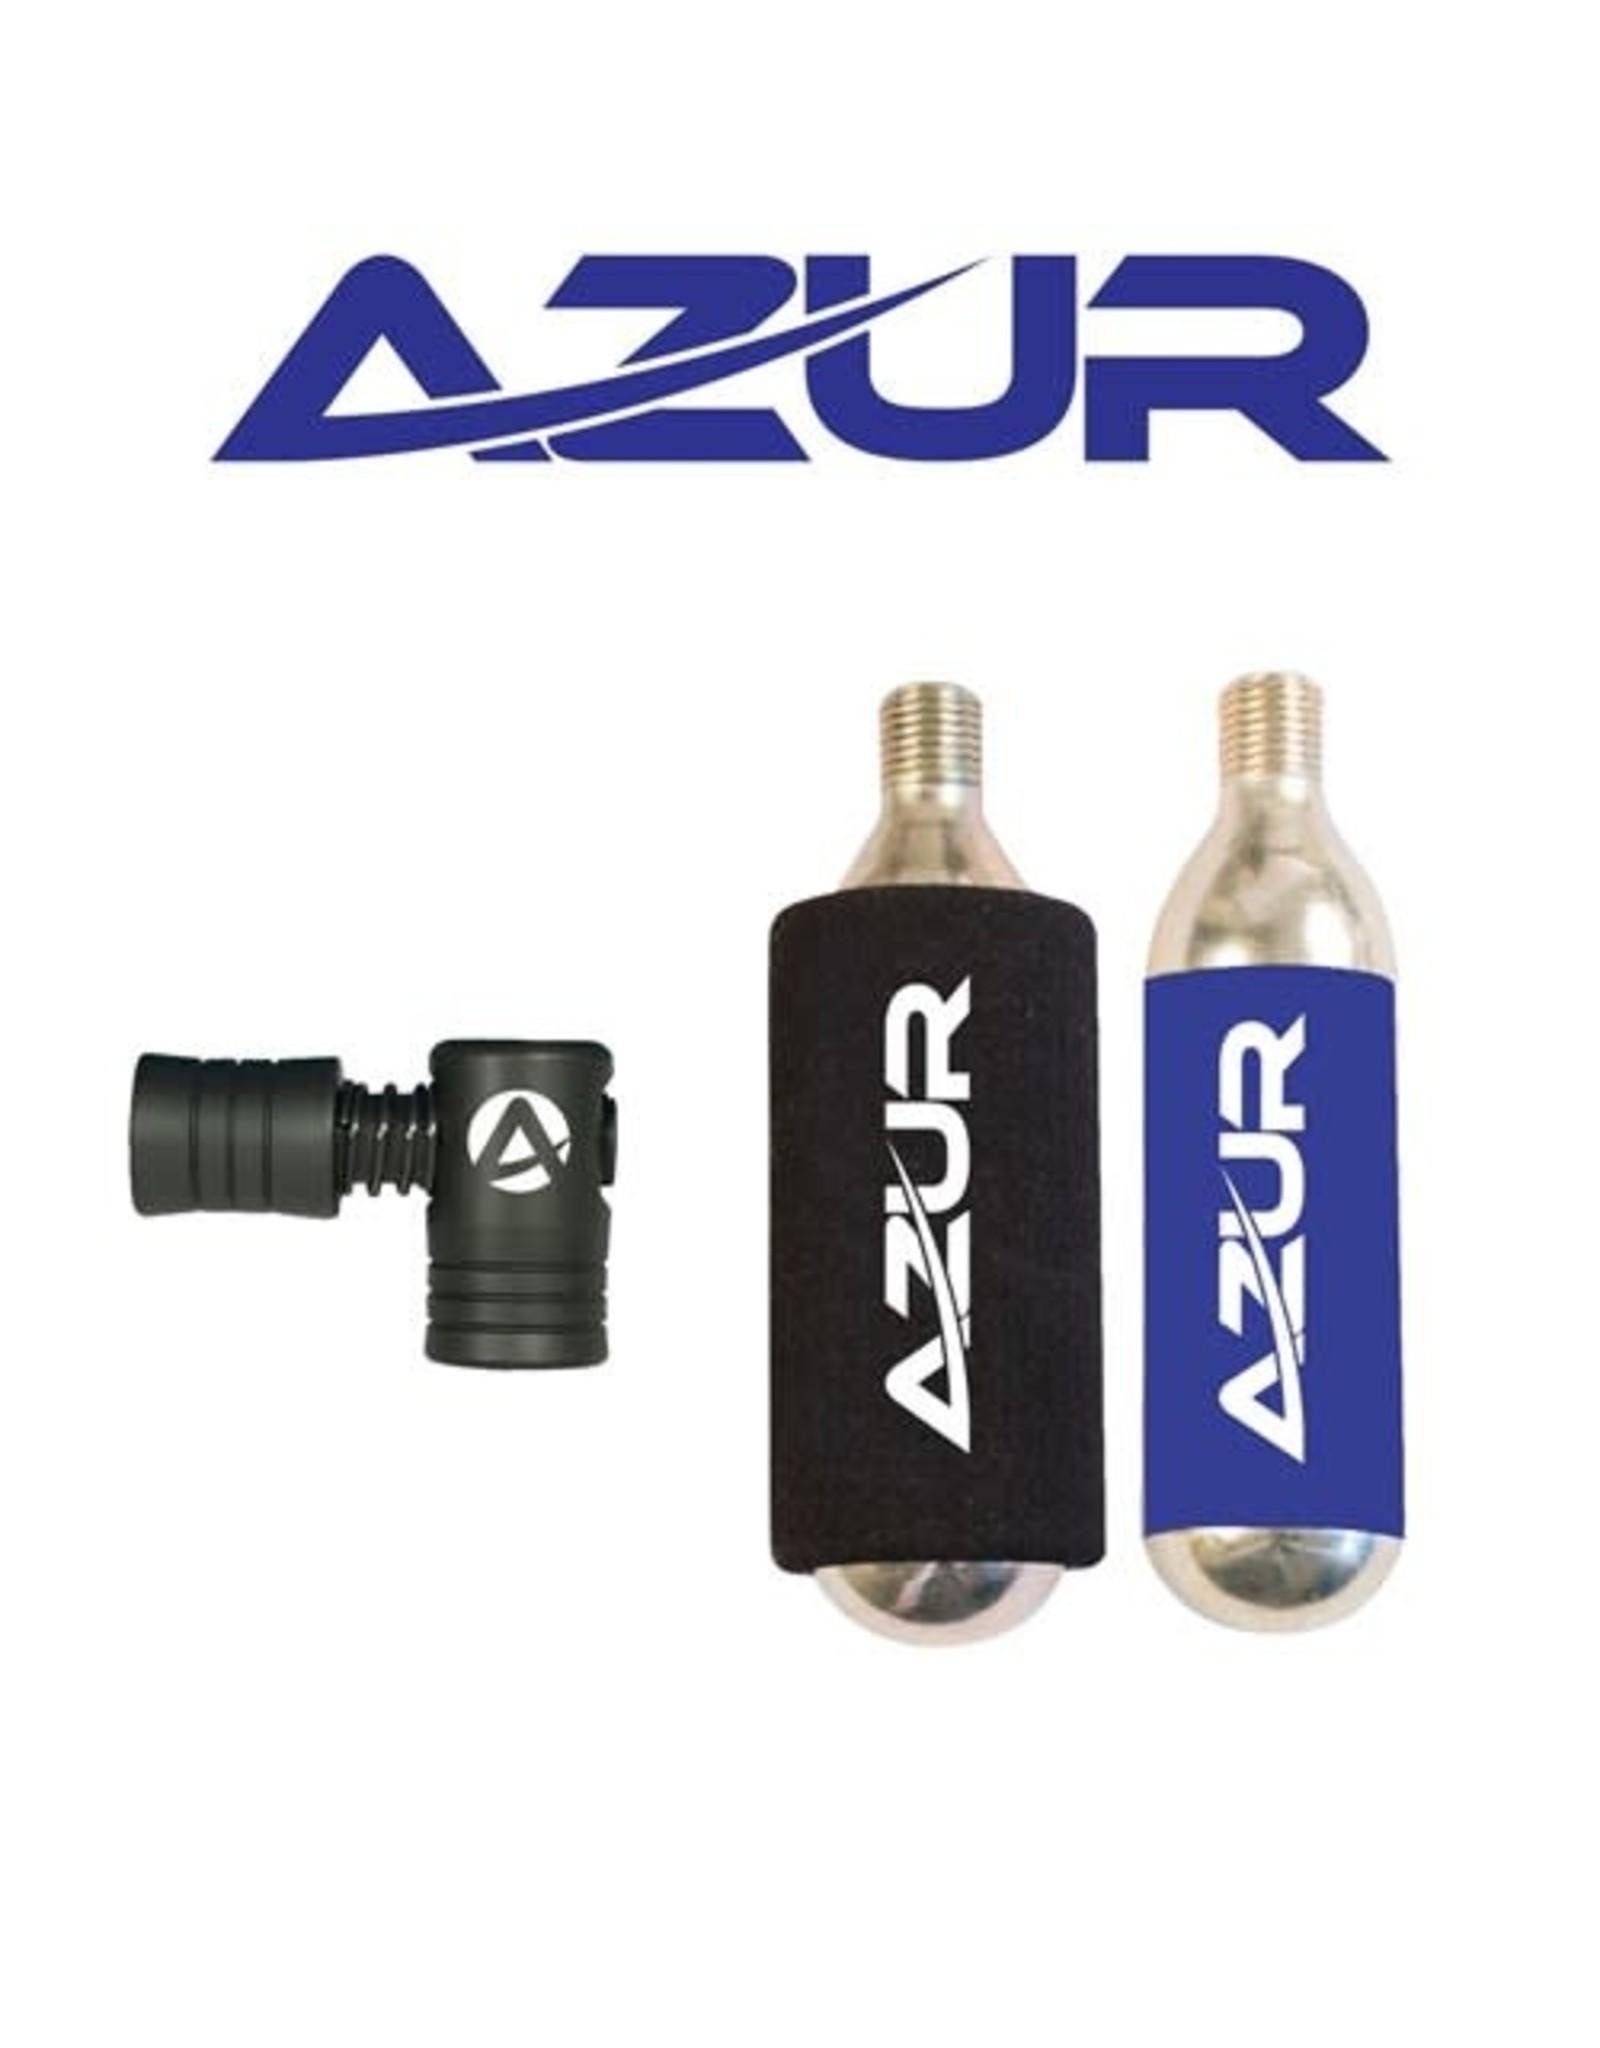 AZUR AZUR EZY AIR CO2 PUMP WITH 2X25G CO2 CARTRIDGE